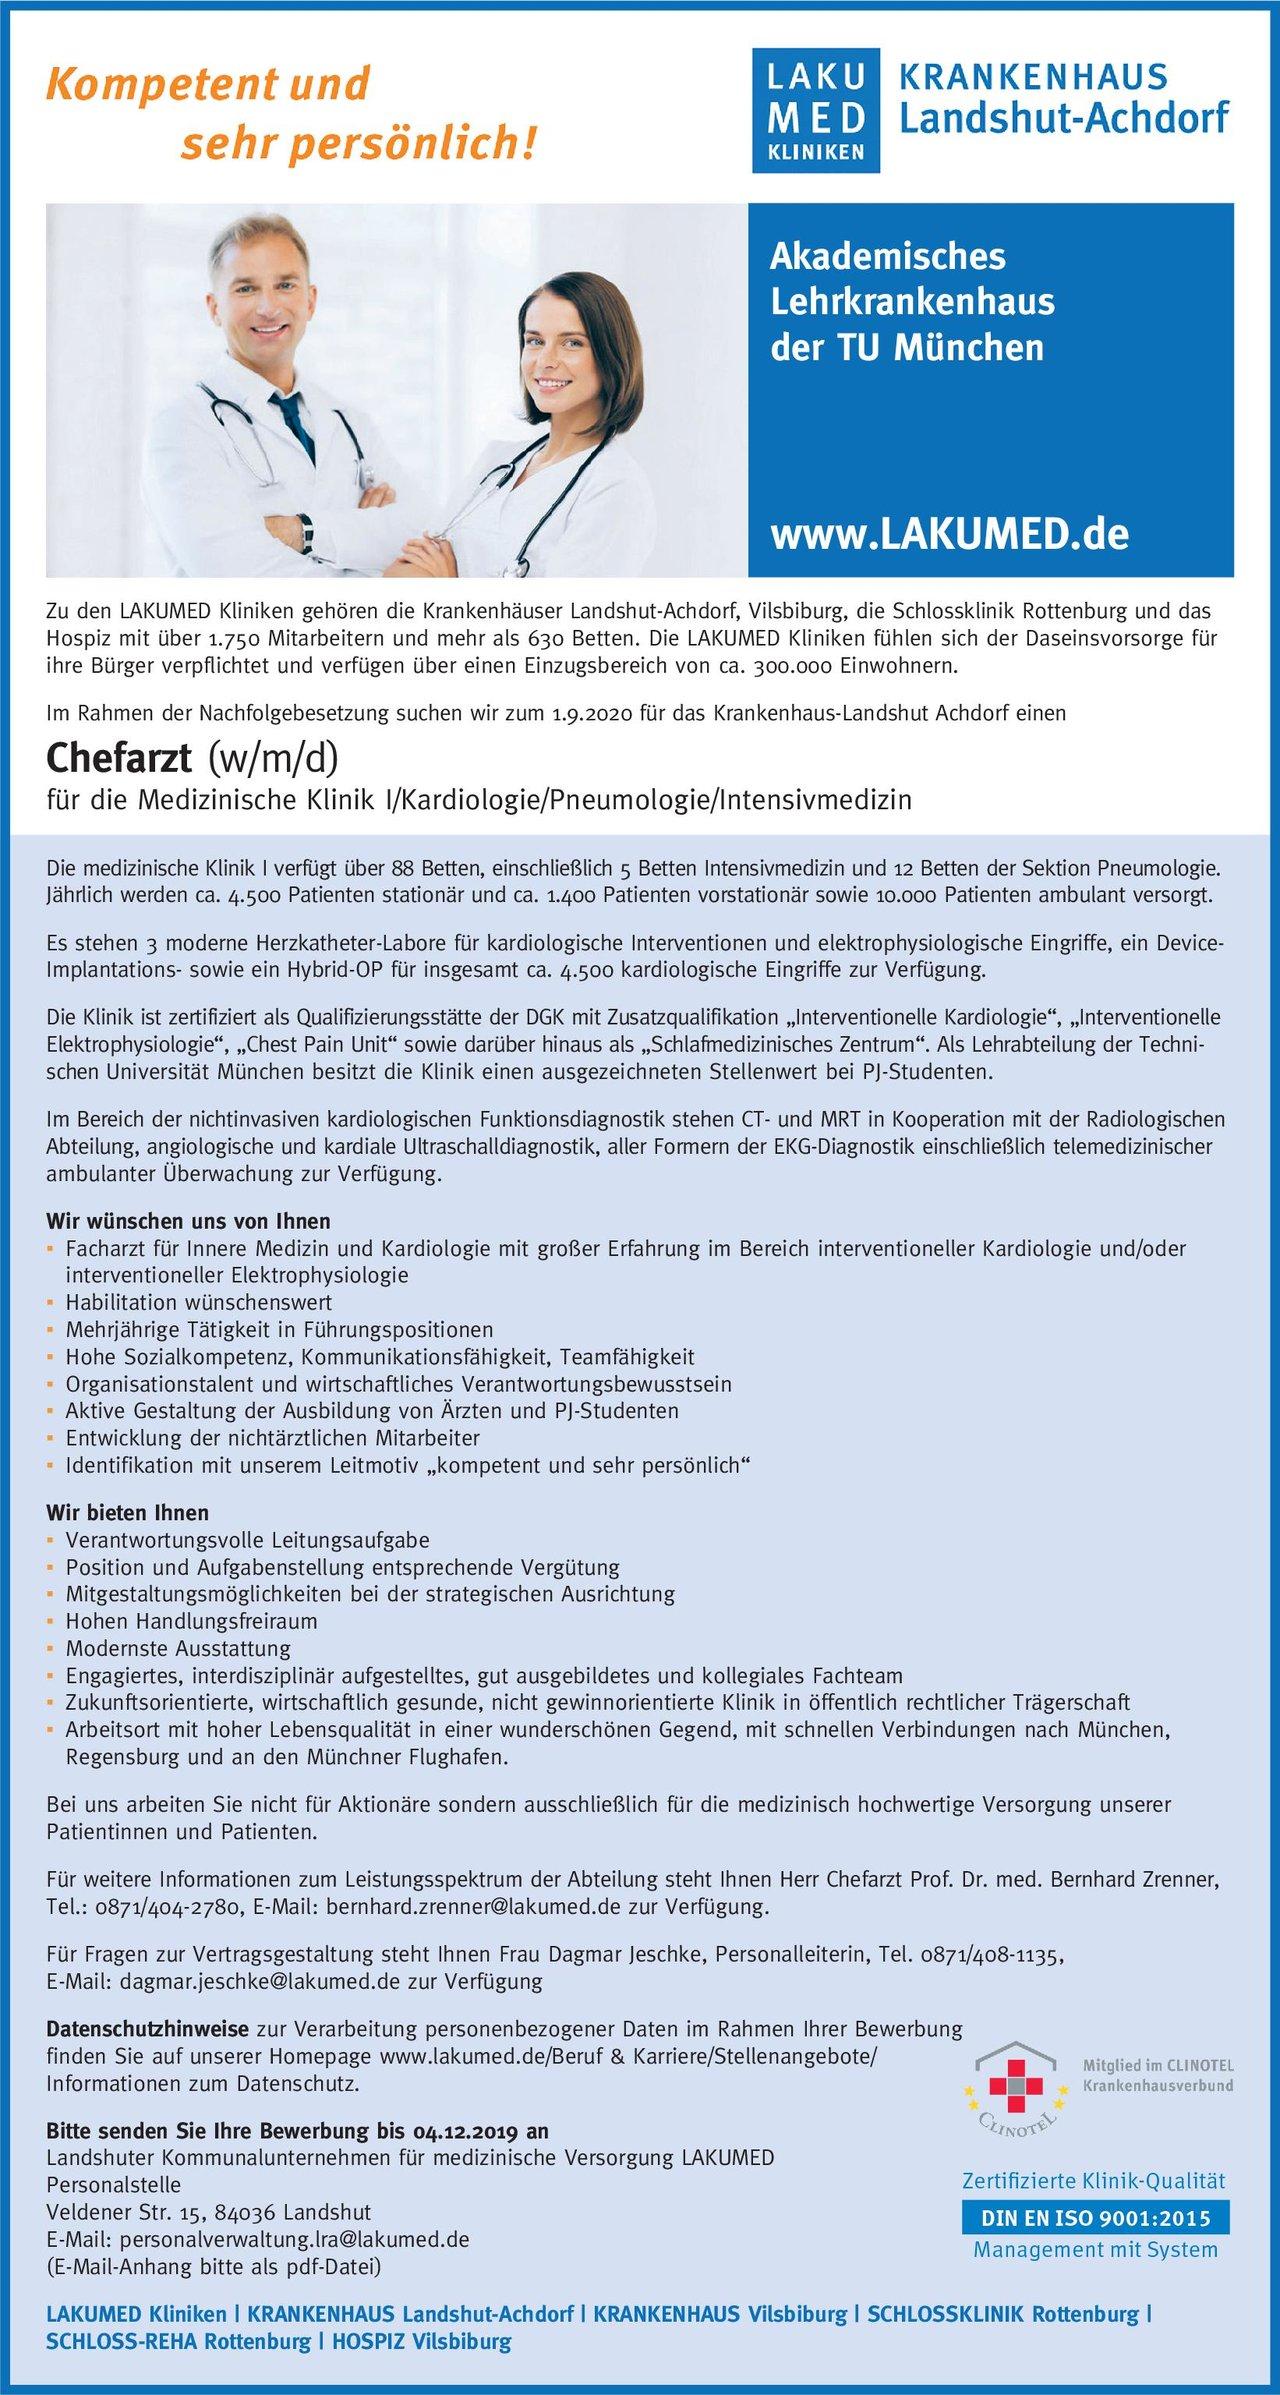 LAKUMED Krankenhaus-Landshut Achdorf Chefarzt (w/m/d) für die Medizinische Klinik I/Kardiologie/Pneumologie/Intensivmedizin  Innere Medizin und Kardiologie, Innere Medizin und Pneumologie, Anästhesiologie / Intensivmedizin Chefarzt